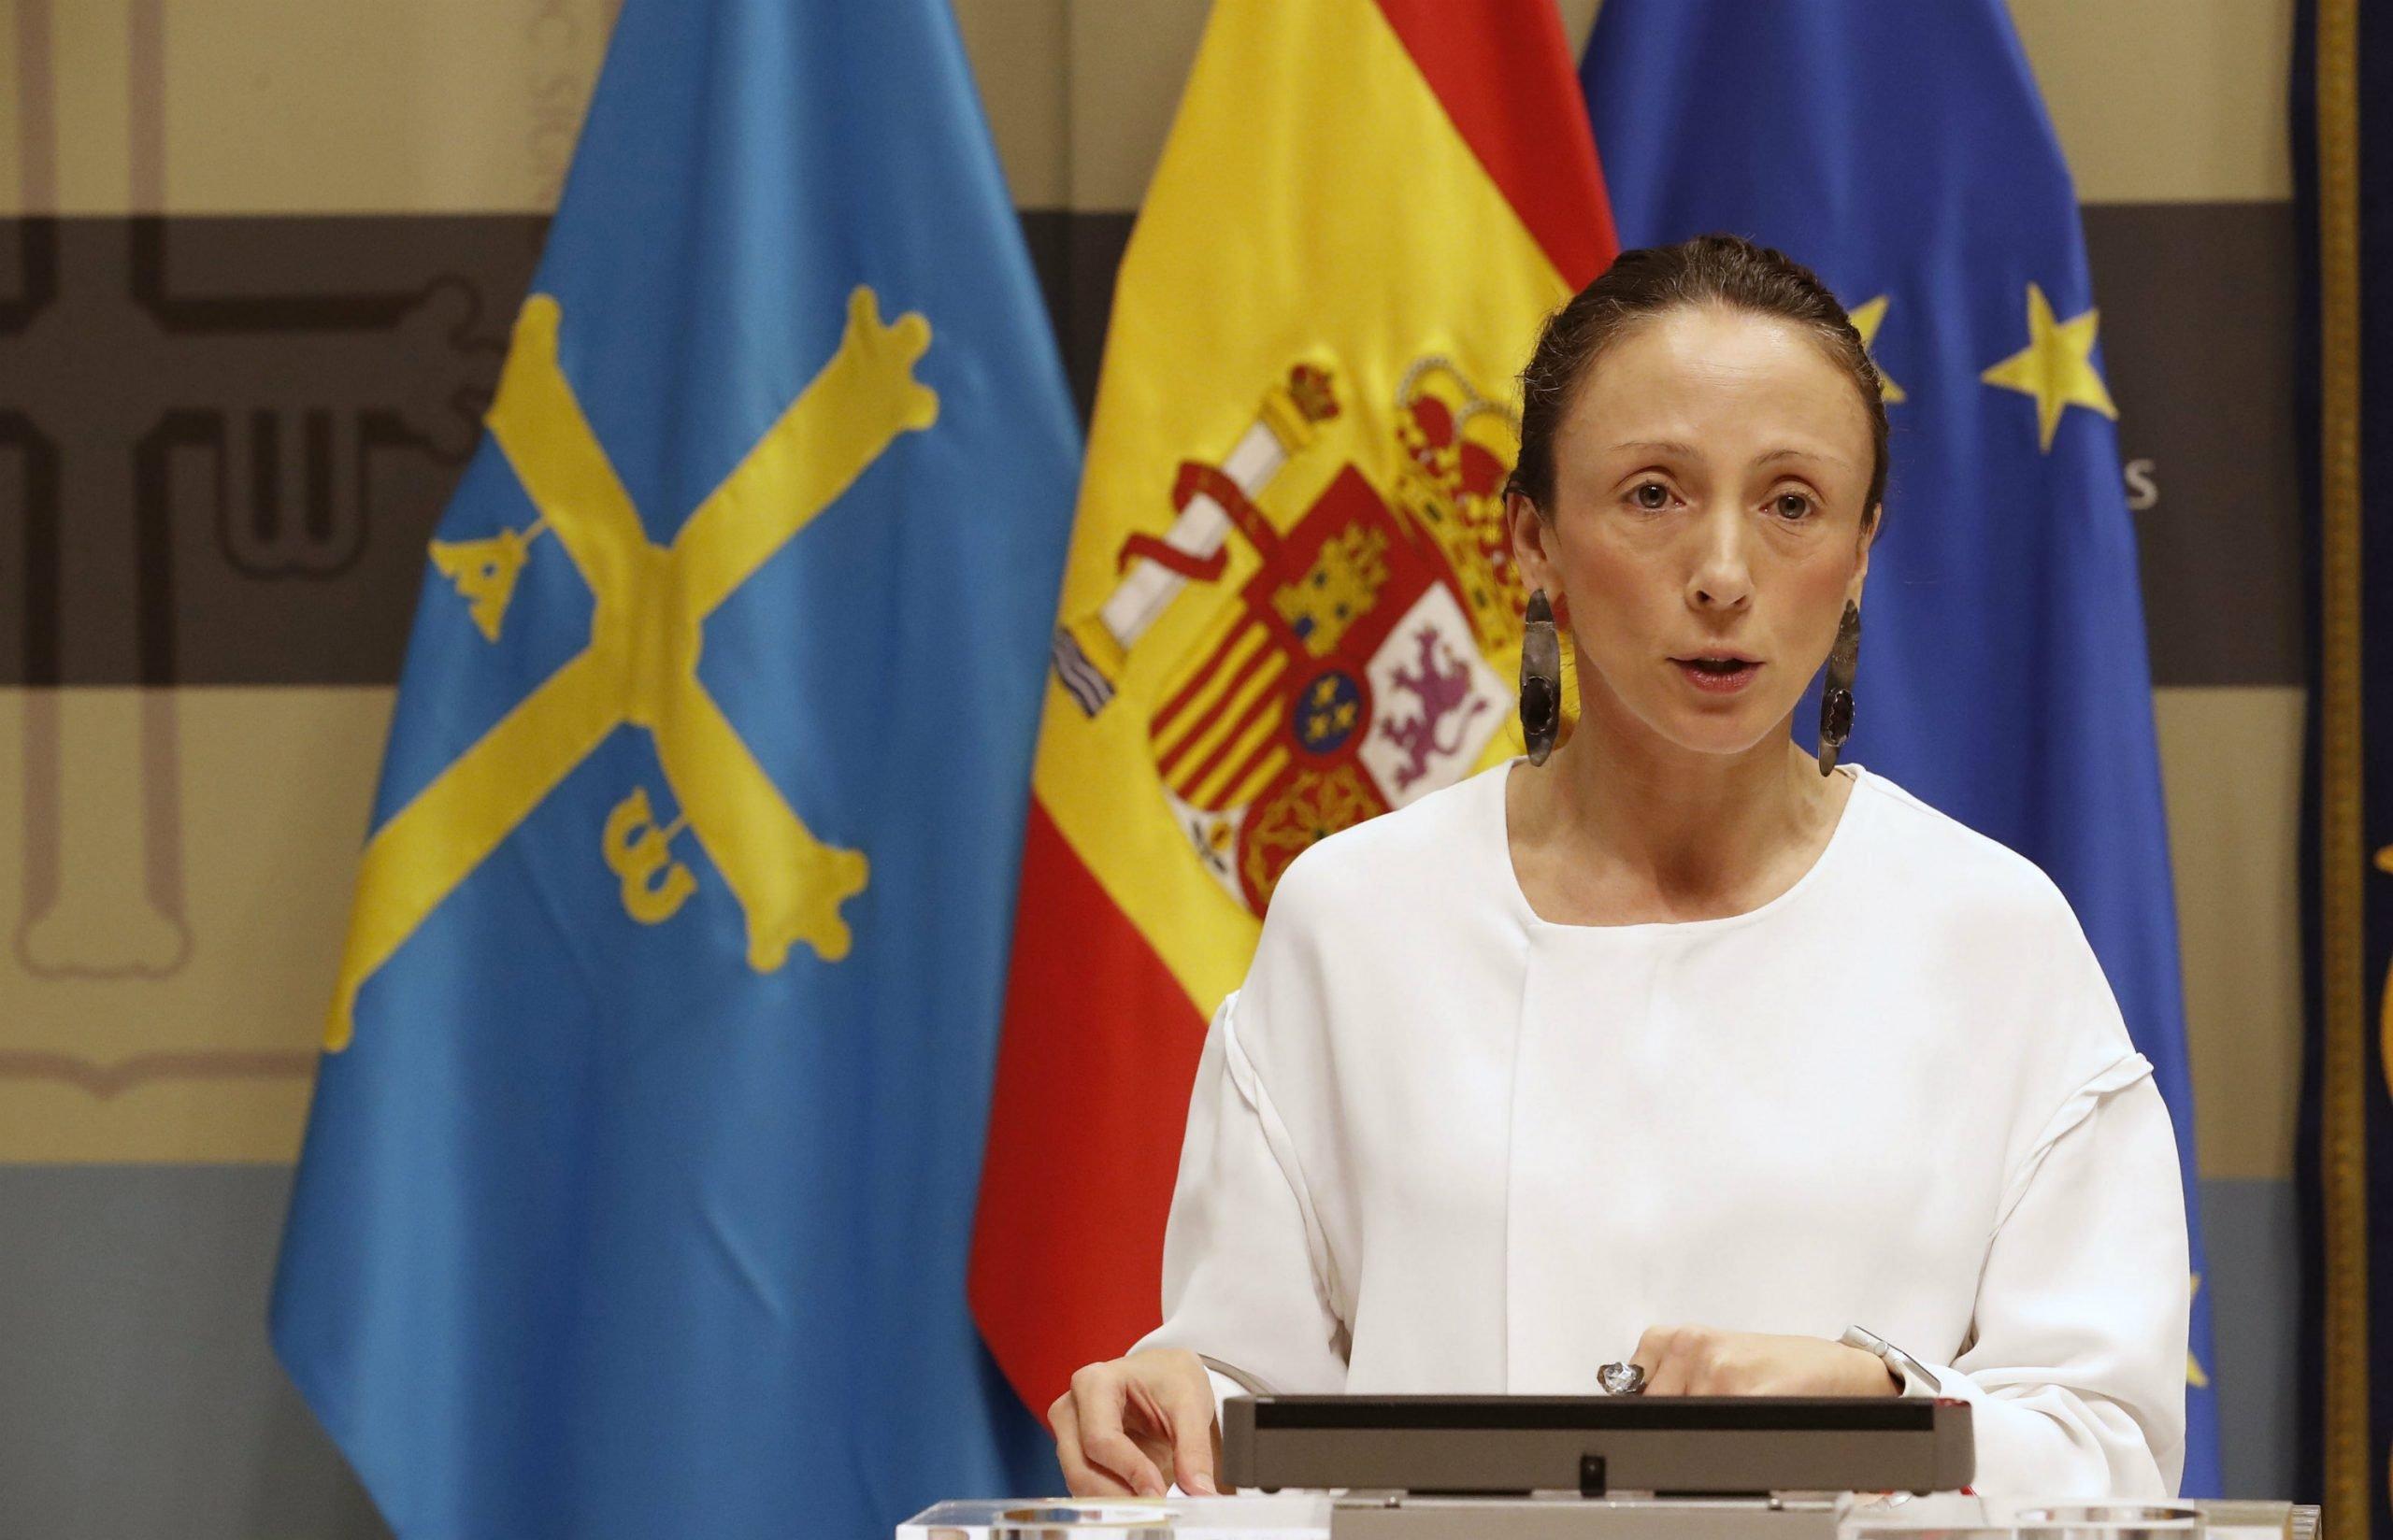 Nueve ayuntamientos firman un acuerdo de colaboración con la Consejería de Derechos Sociales para acelerar las valoraciones de la dependencia